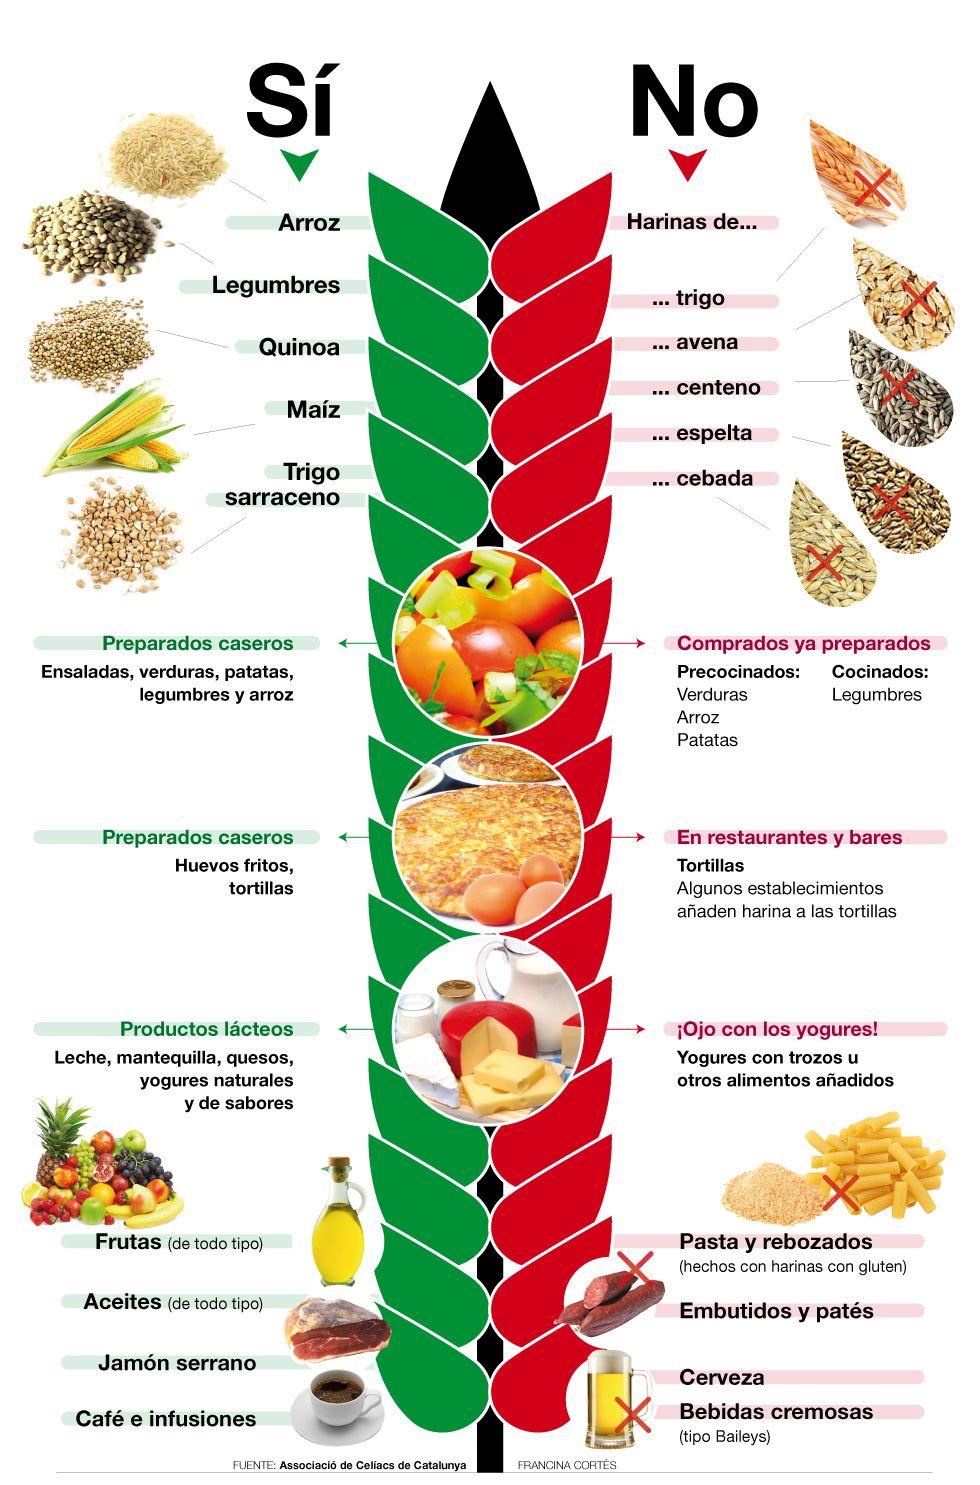 Alimentos para celiacos - Alimentos libres de gluten..